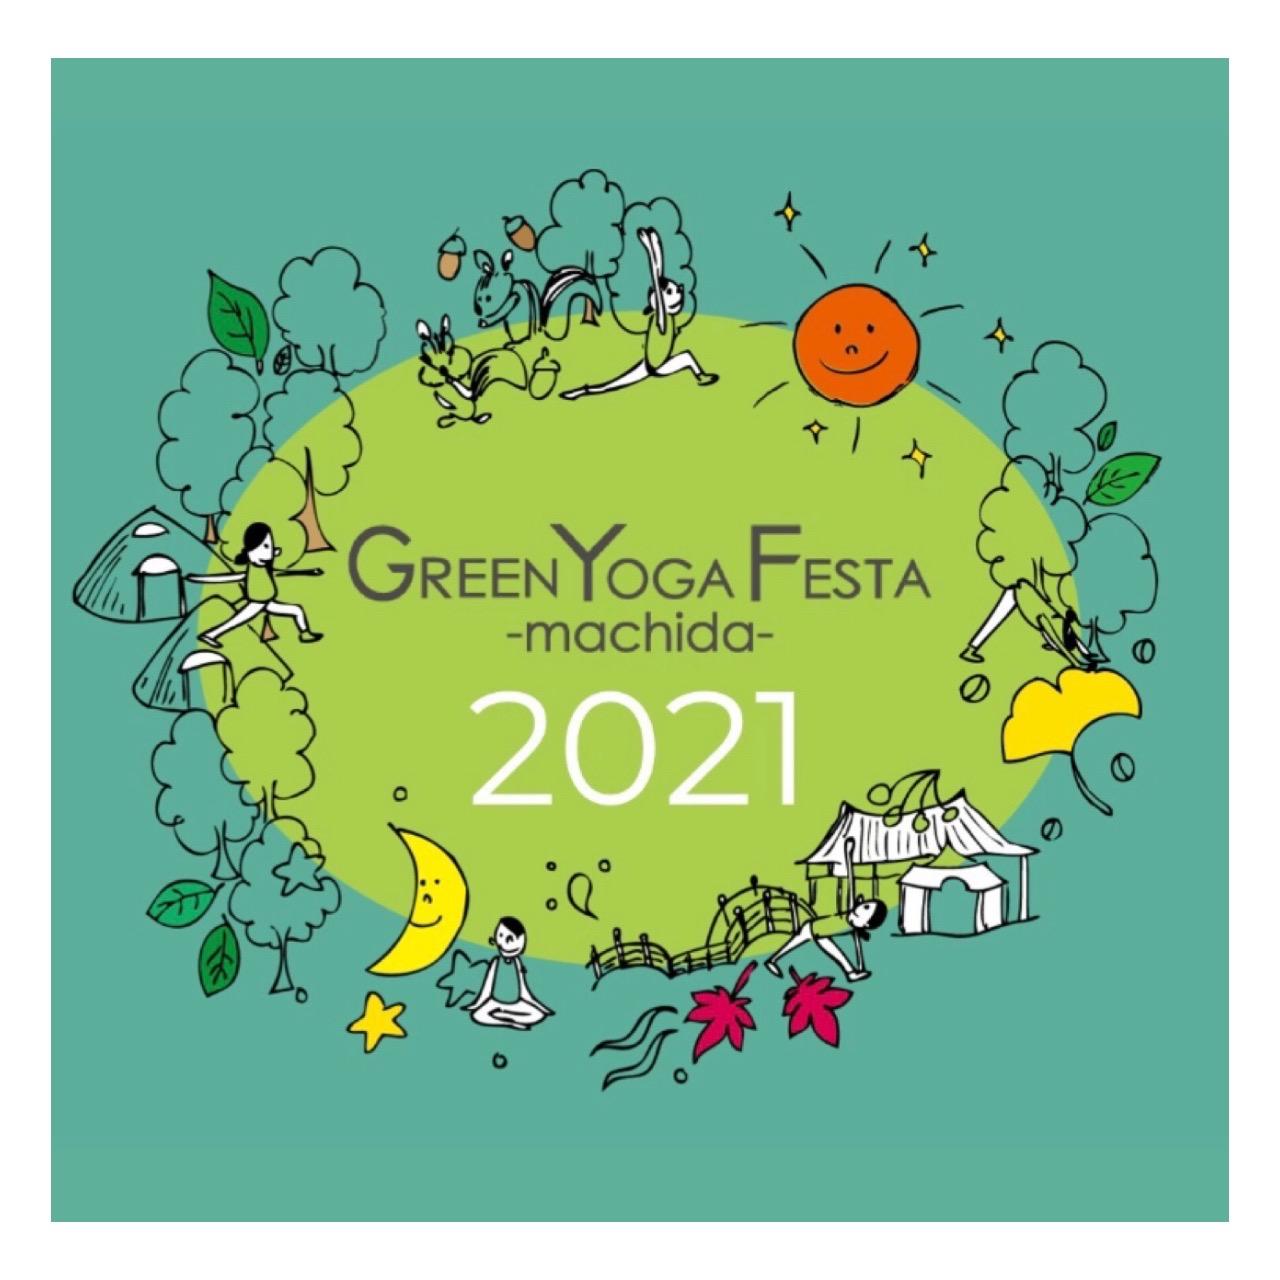 秋のヨガイベントへの出店のお知らせです❤️🥰 【グリーンヨガフェスタ町田】 10/30 sat @野津田公園 ヨガマットバッグを中心にカラフルグッズ販売します。今からスケジュールチェック❤️